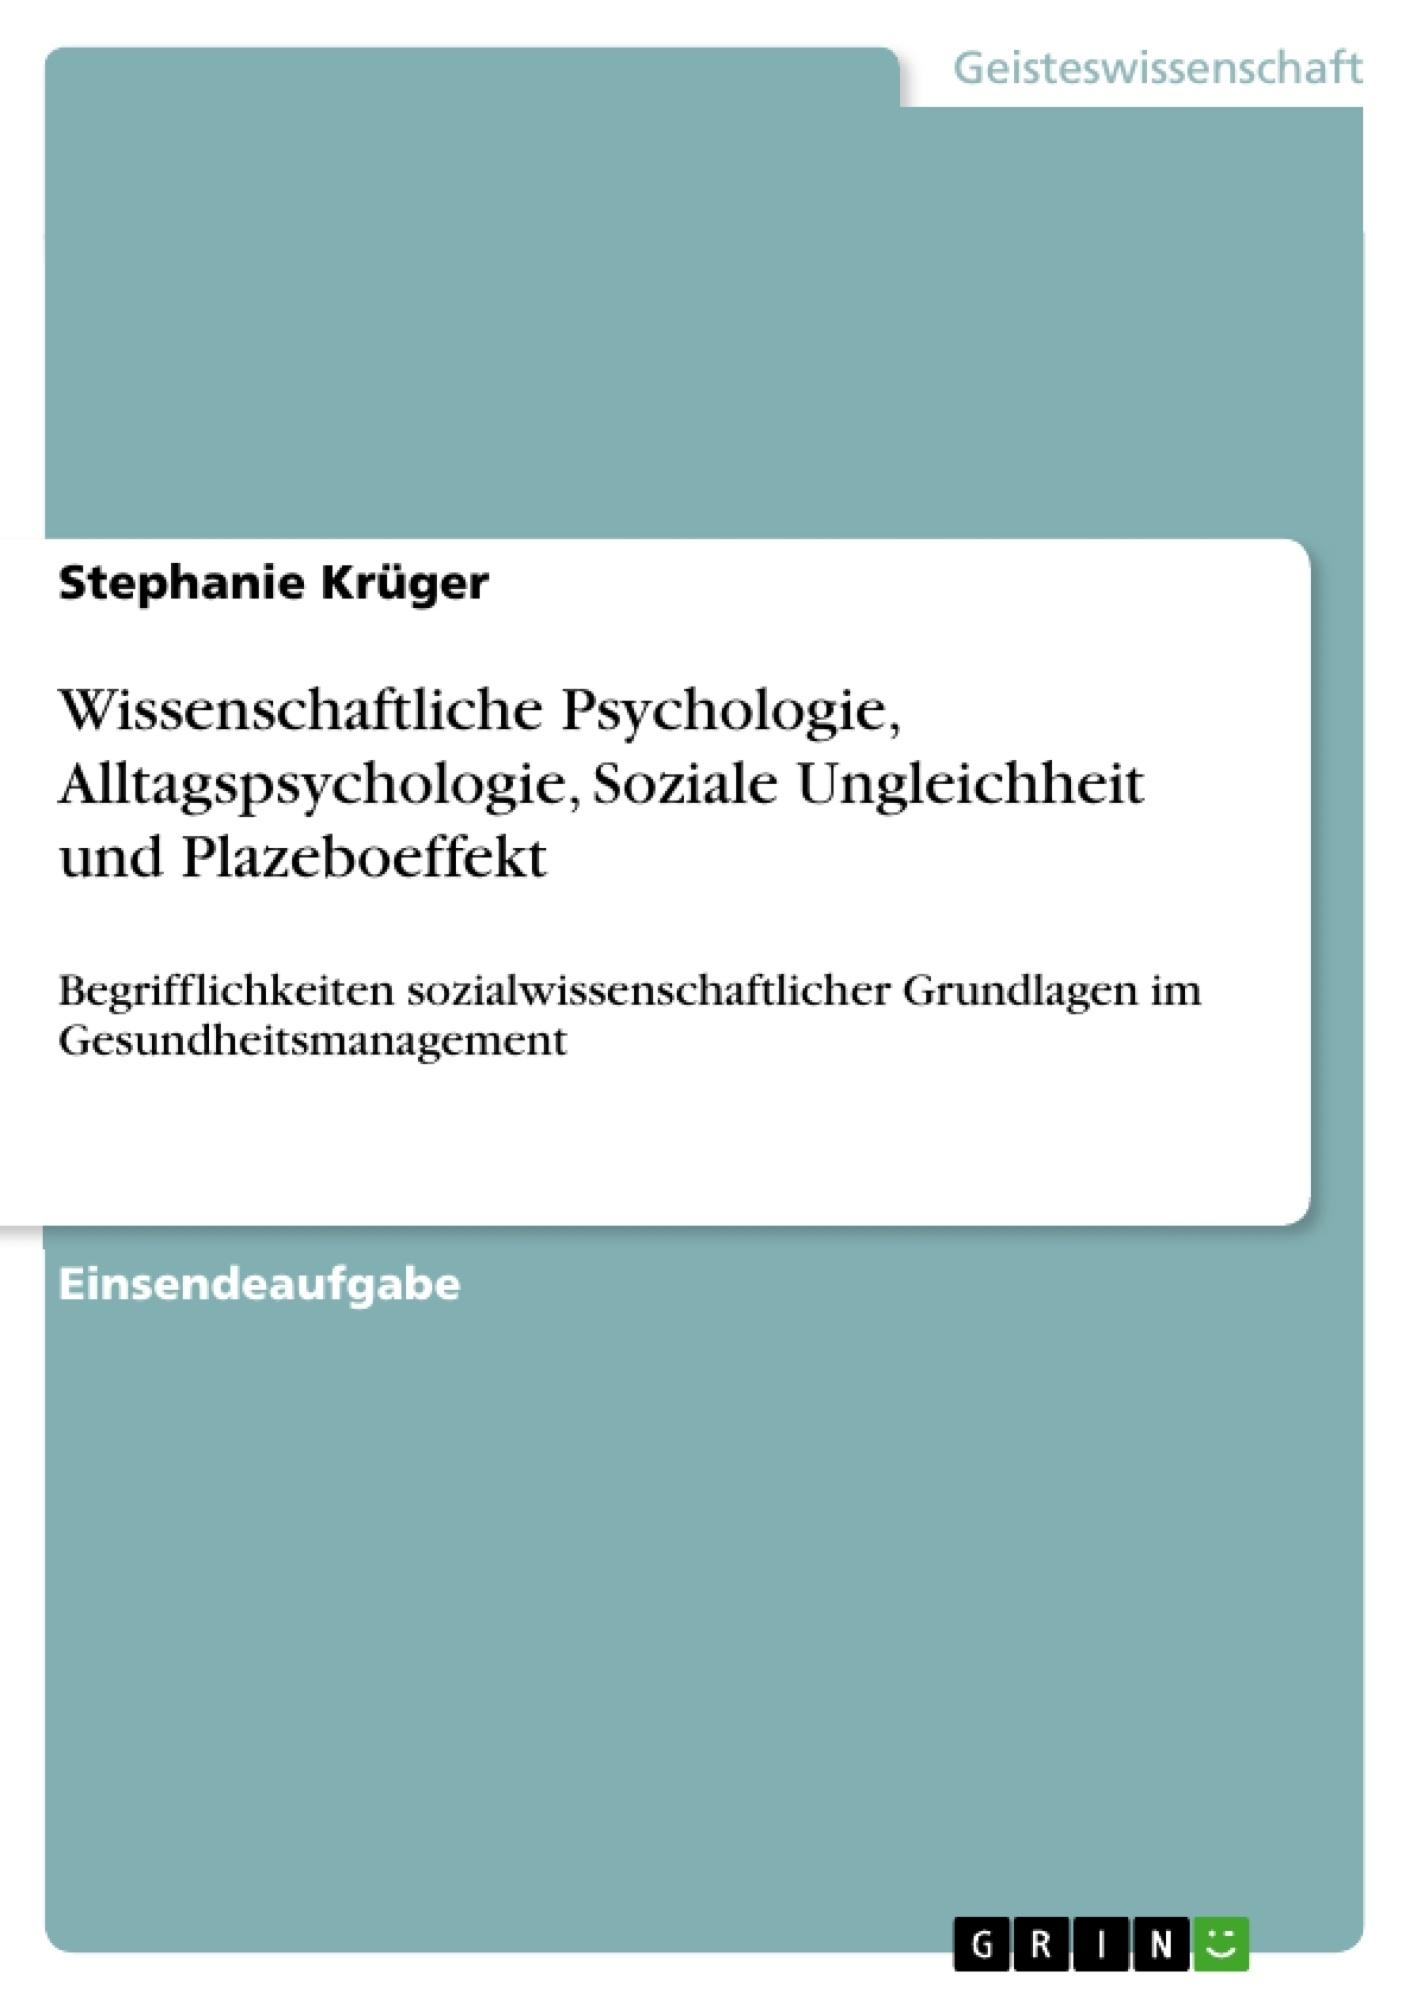 Titel: Wissenschaftliche Psychologie, Alltagspsychologie, Soziale Ungleichheit und Plazeboeffekt